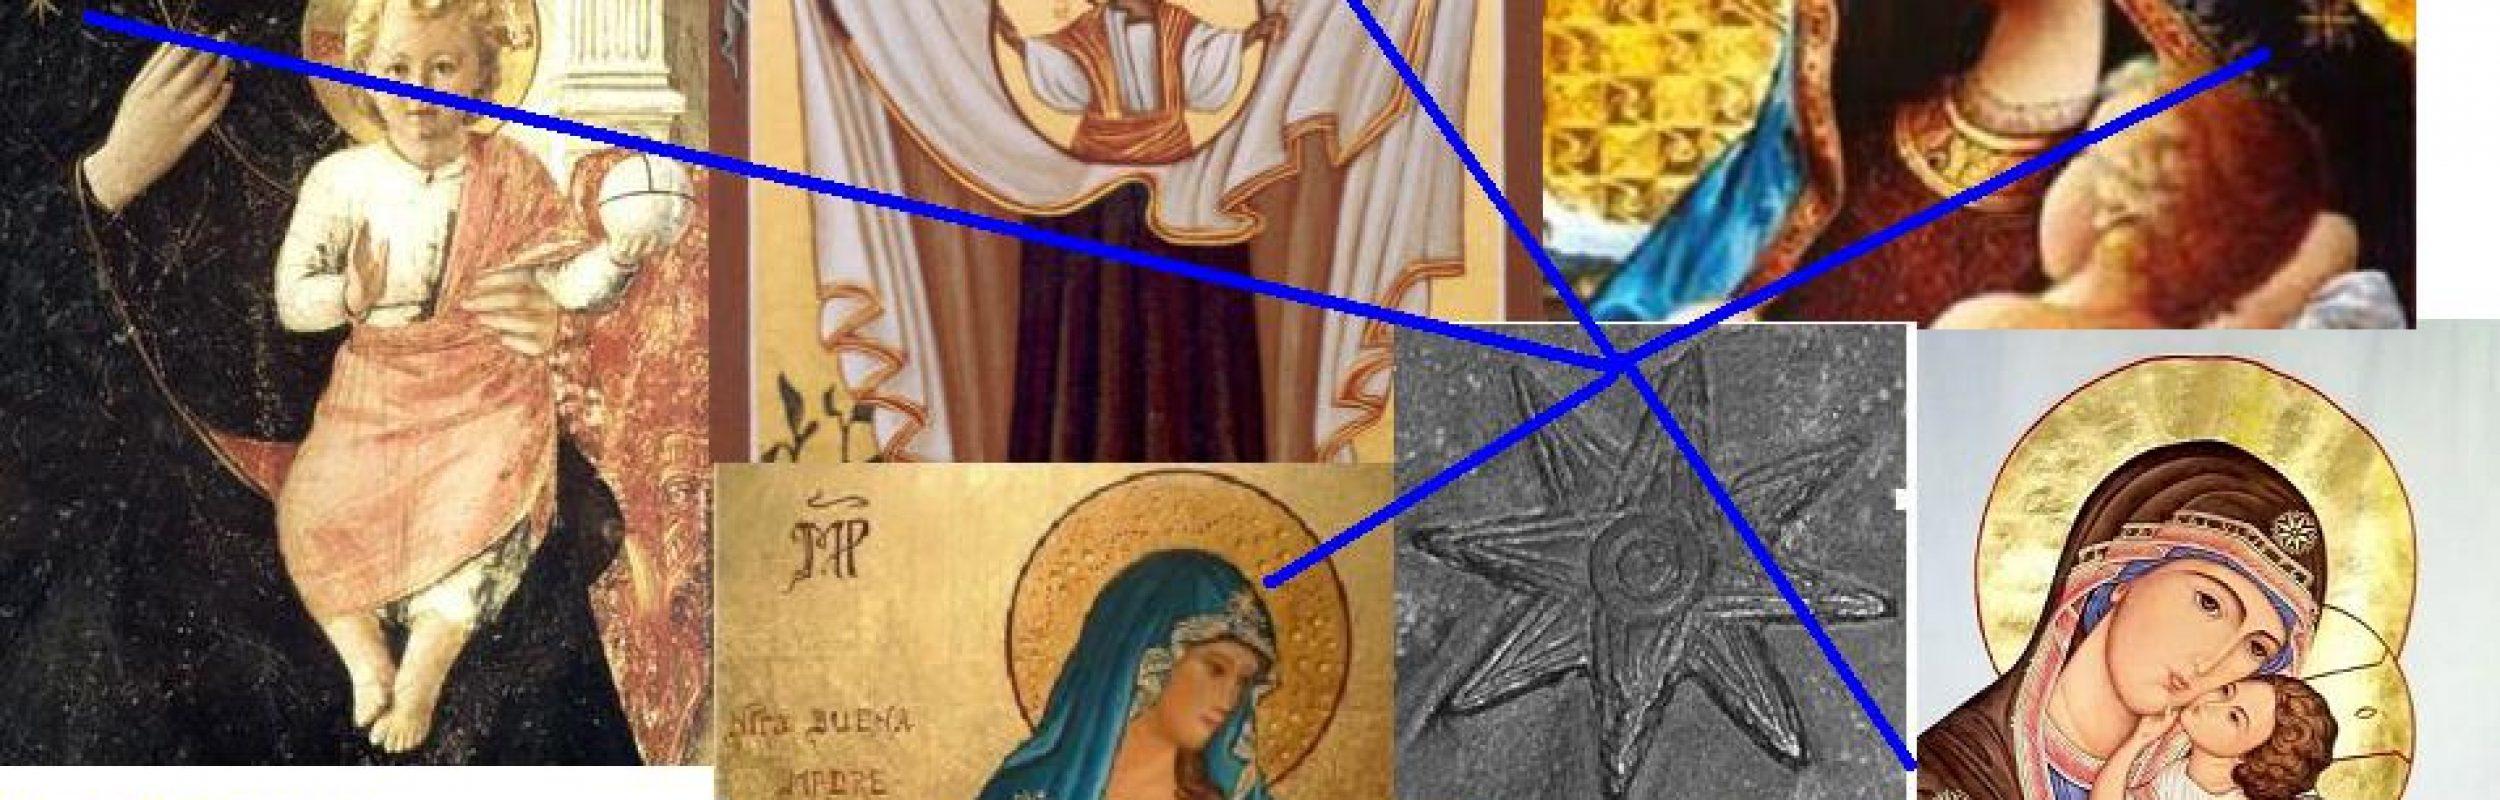 """El Veredicto a la """"Reina del Cielo"""" y la caída de su imperio"""